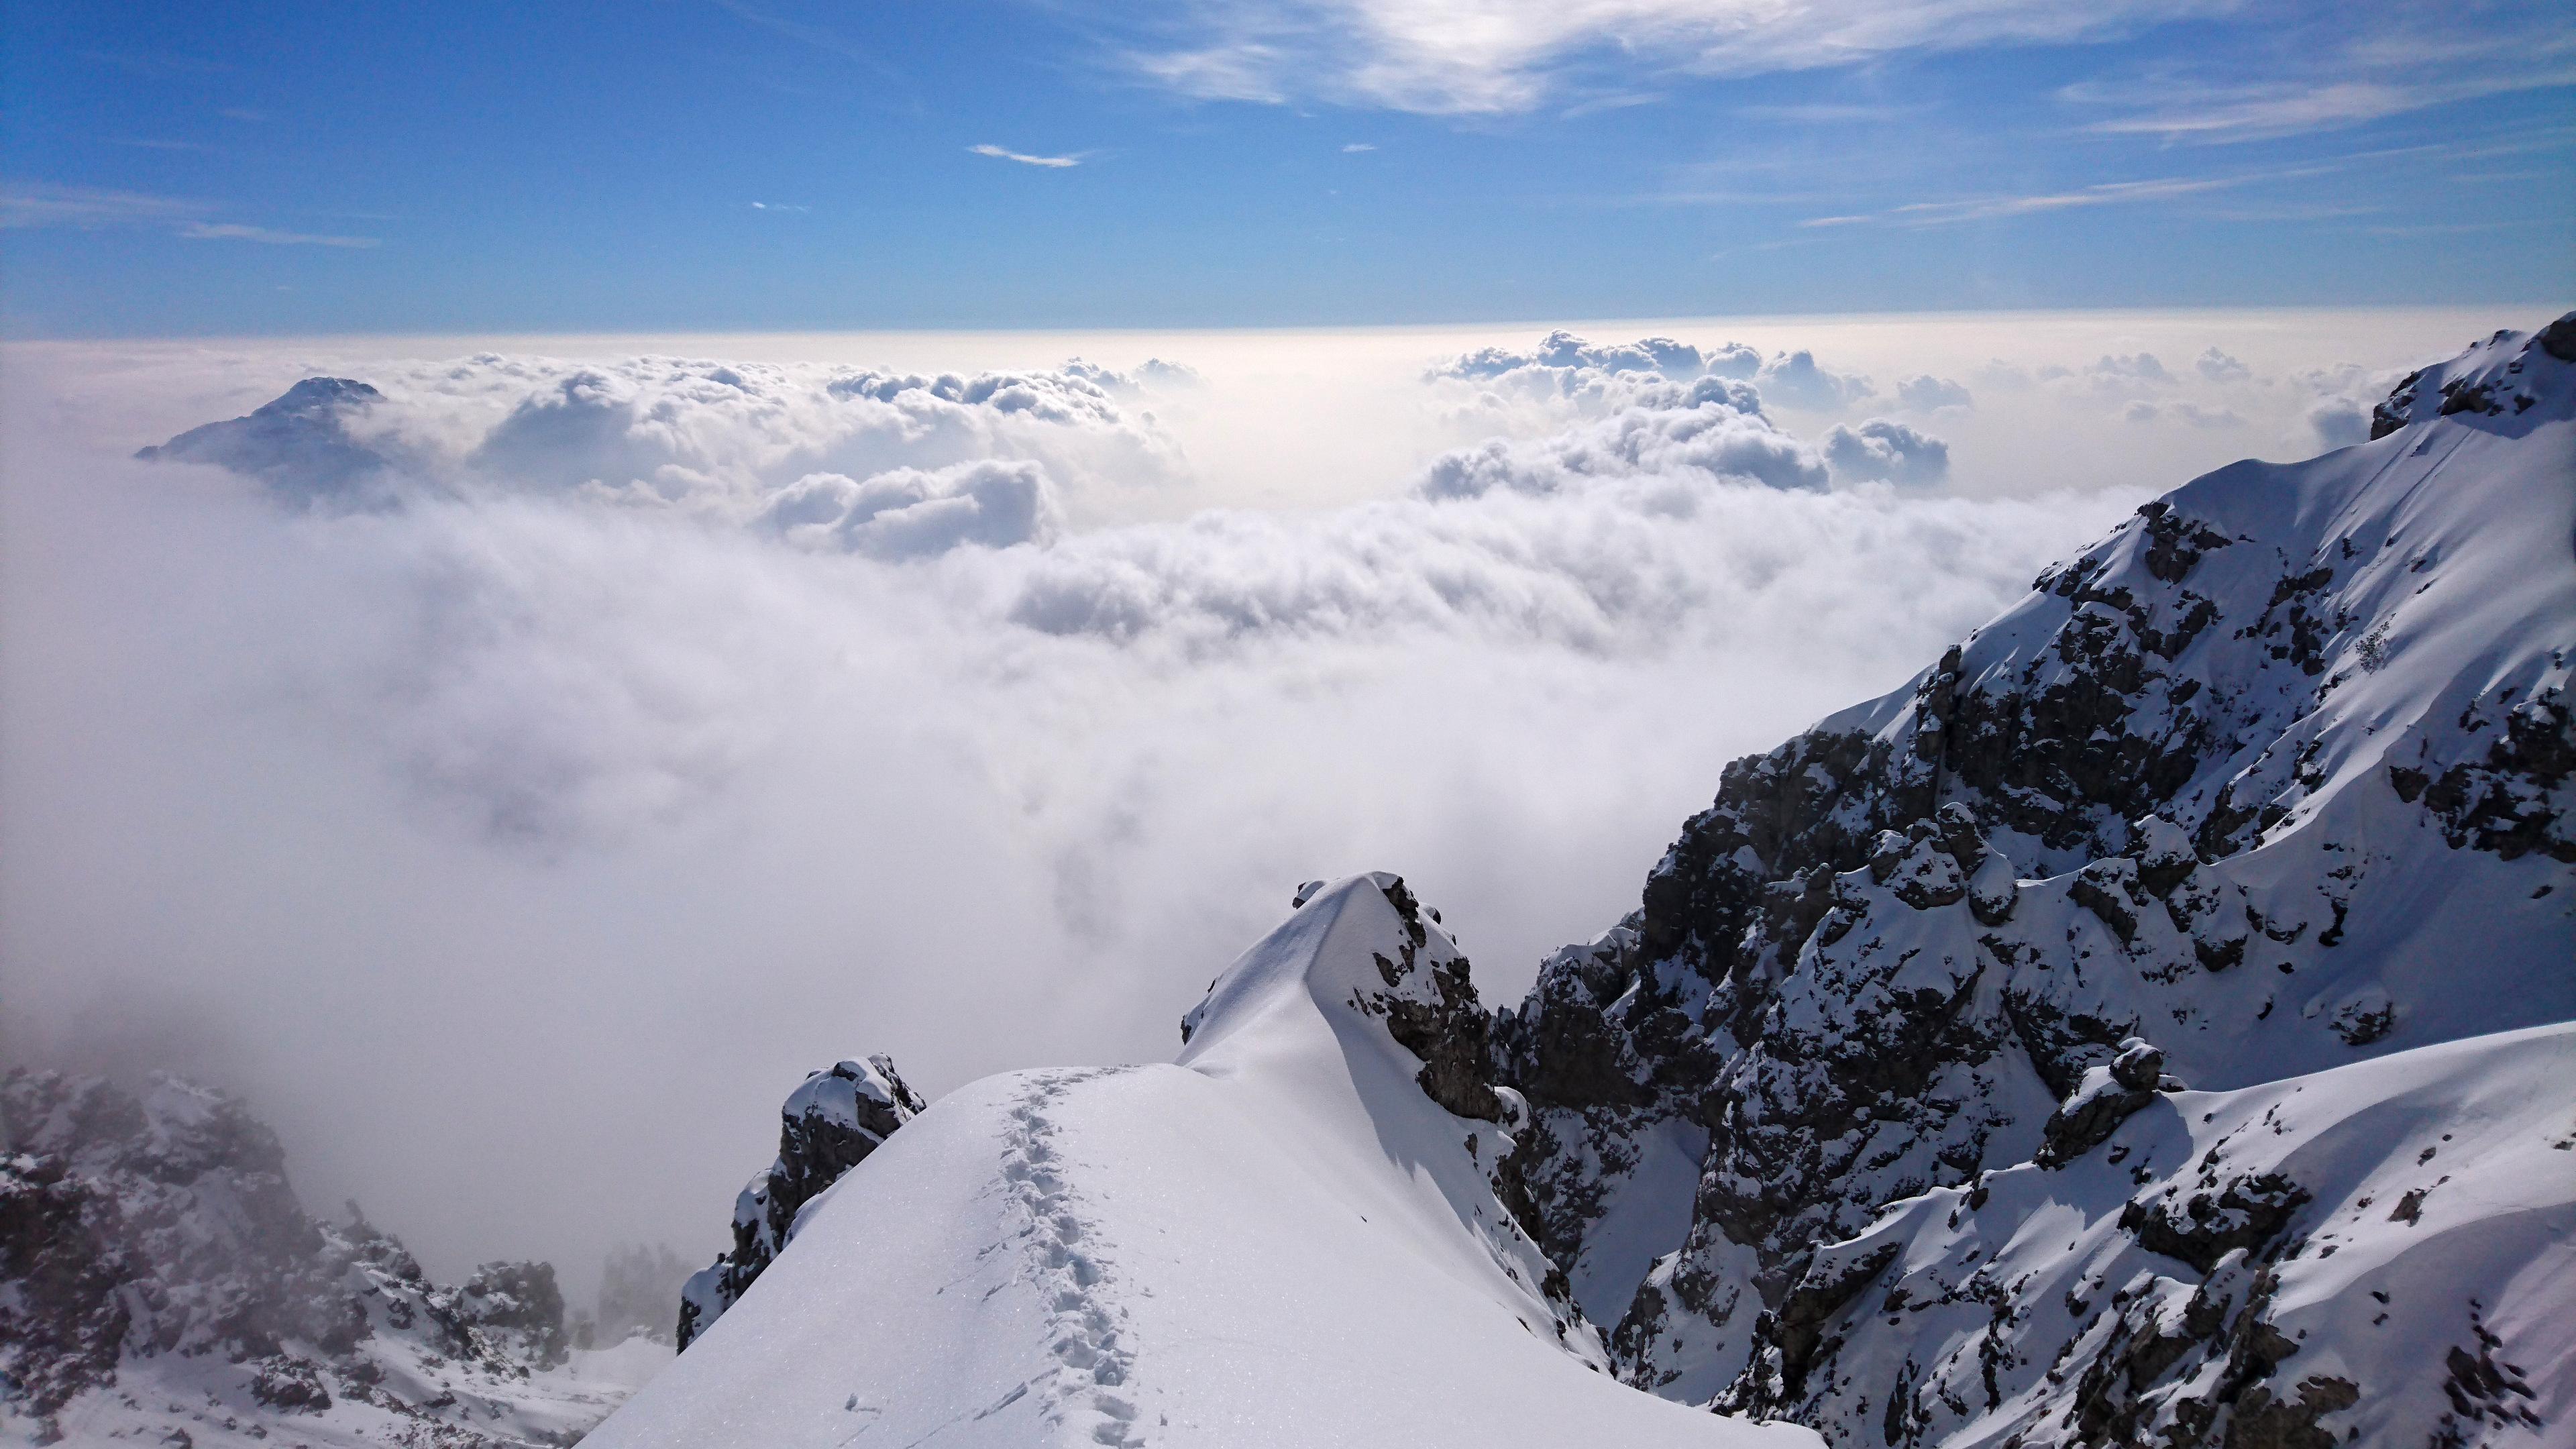 La vista verso valle è una meraviglia per gli occhi!!